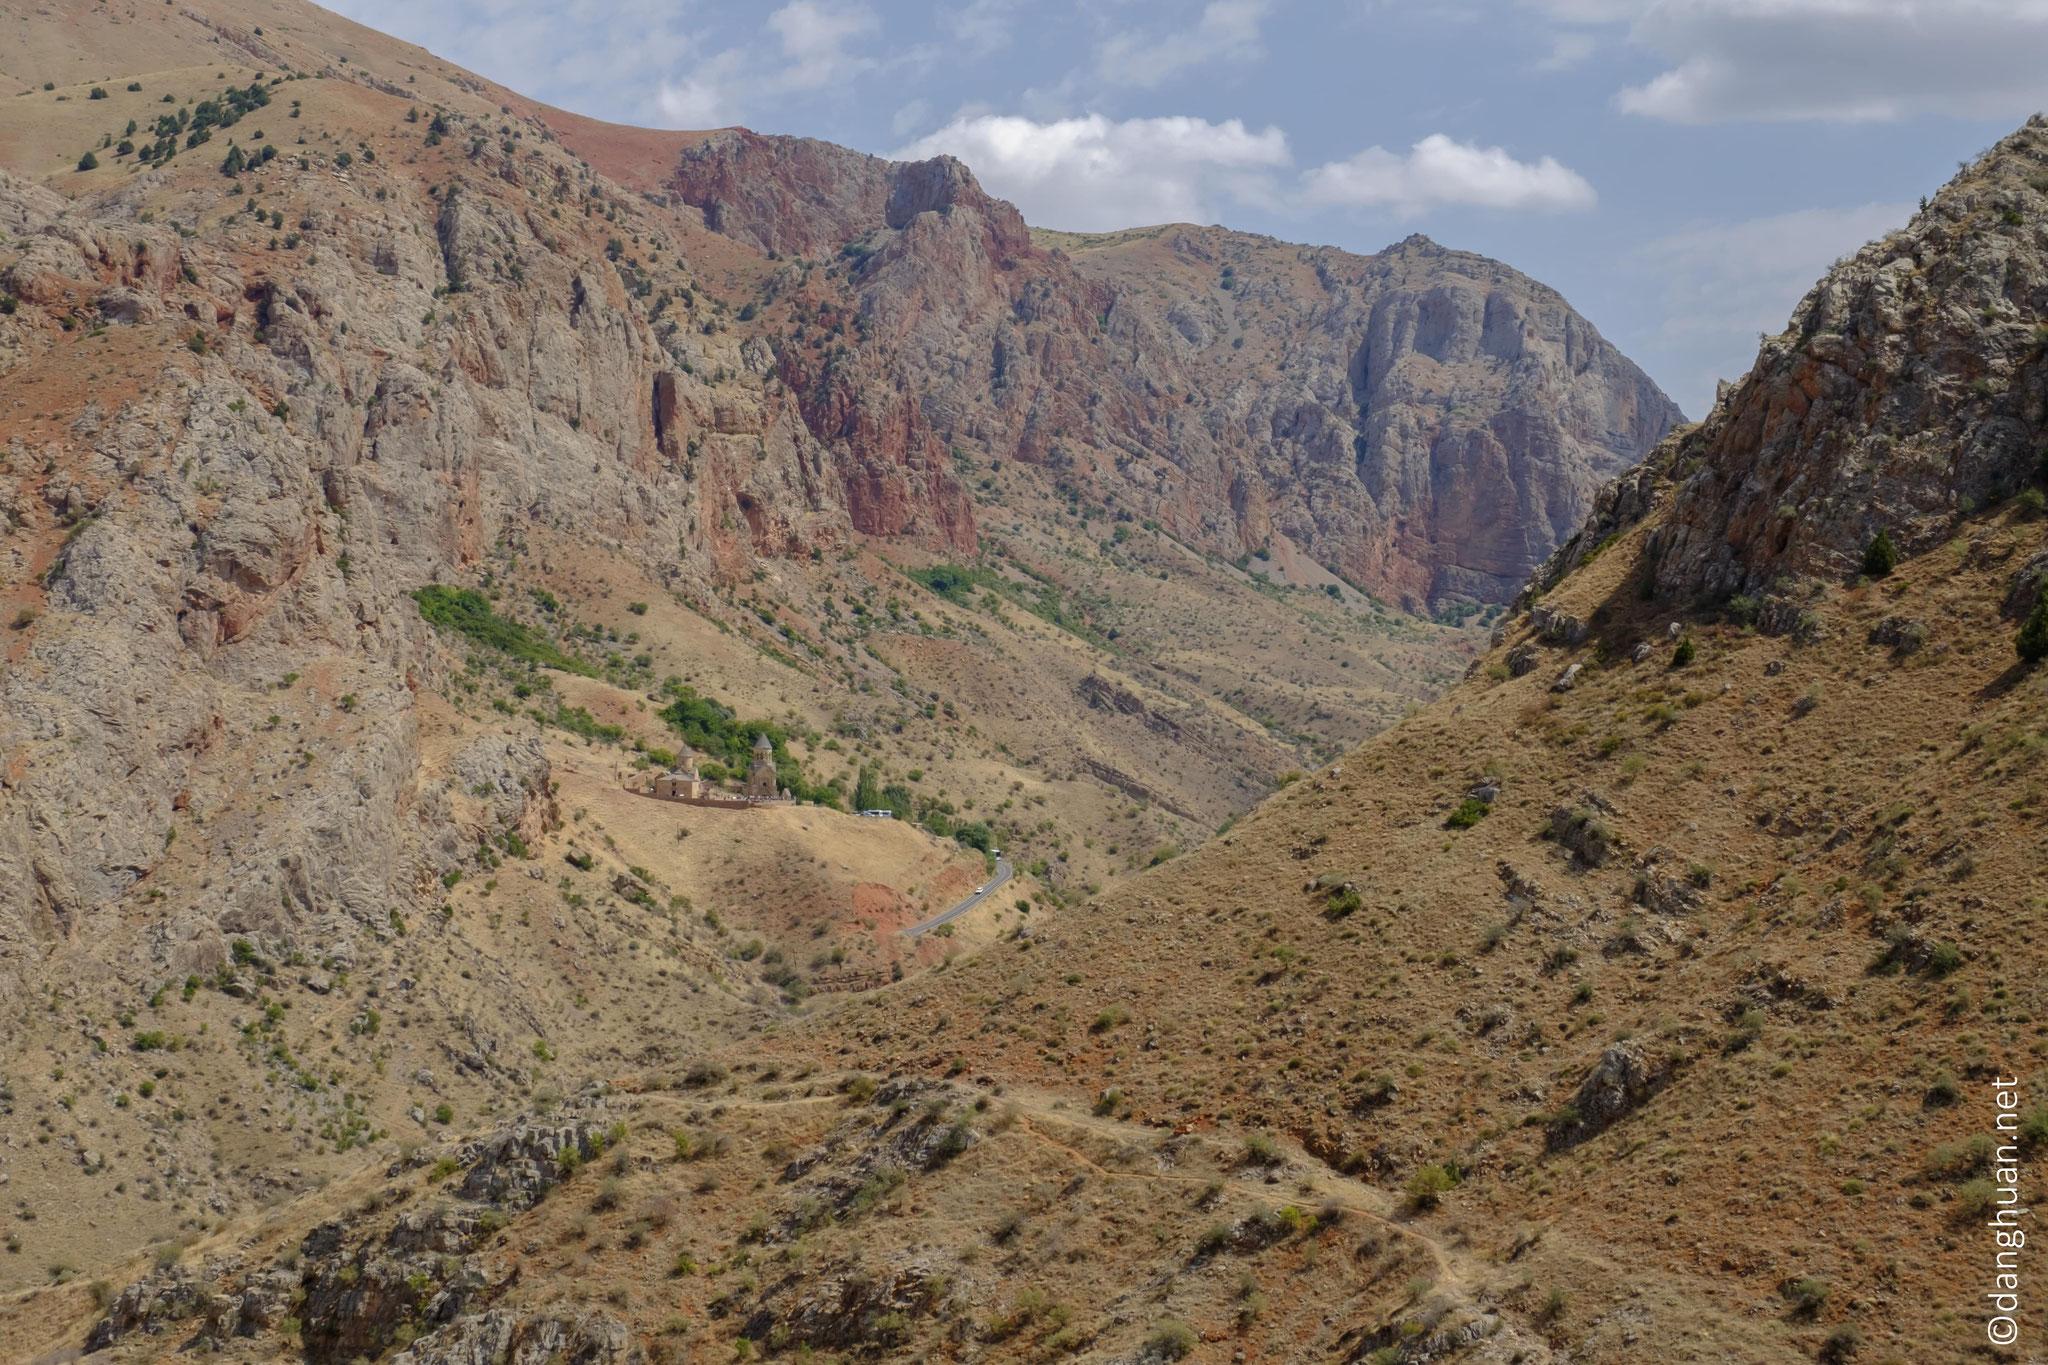 Situé sur un replat rocheux dans la vallée à 8 km de l'entrée de la gorge...